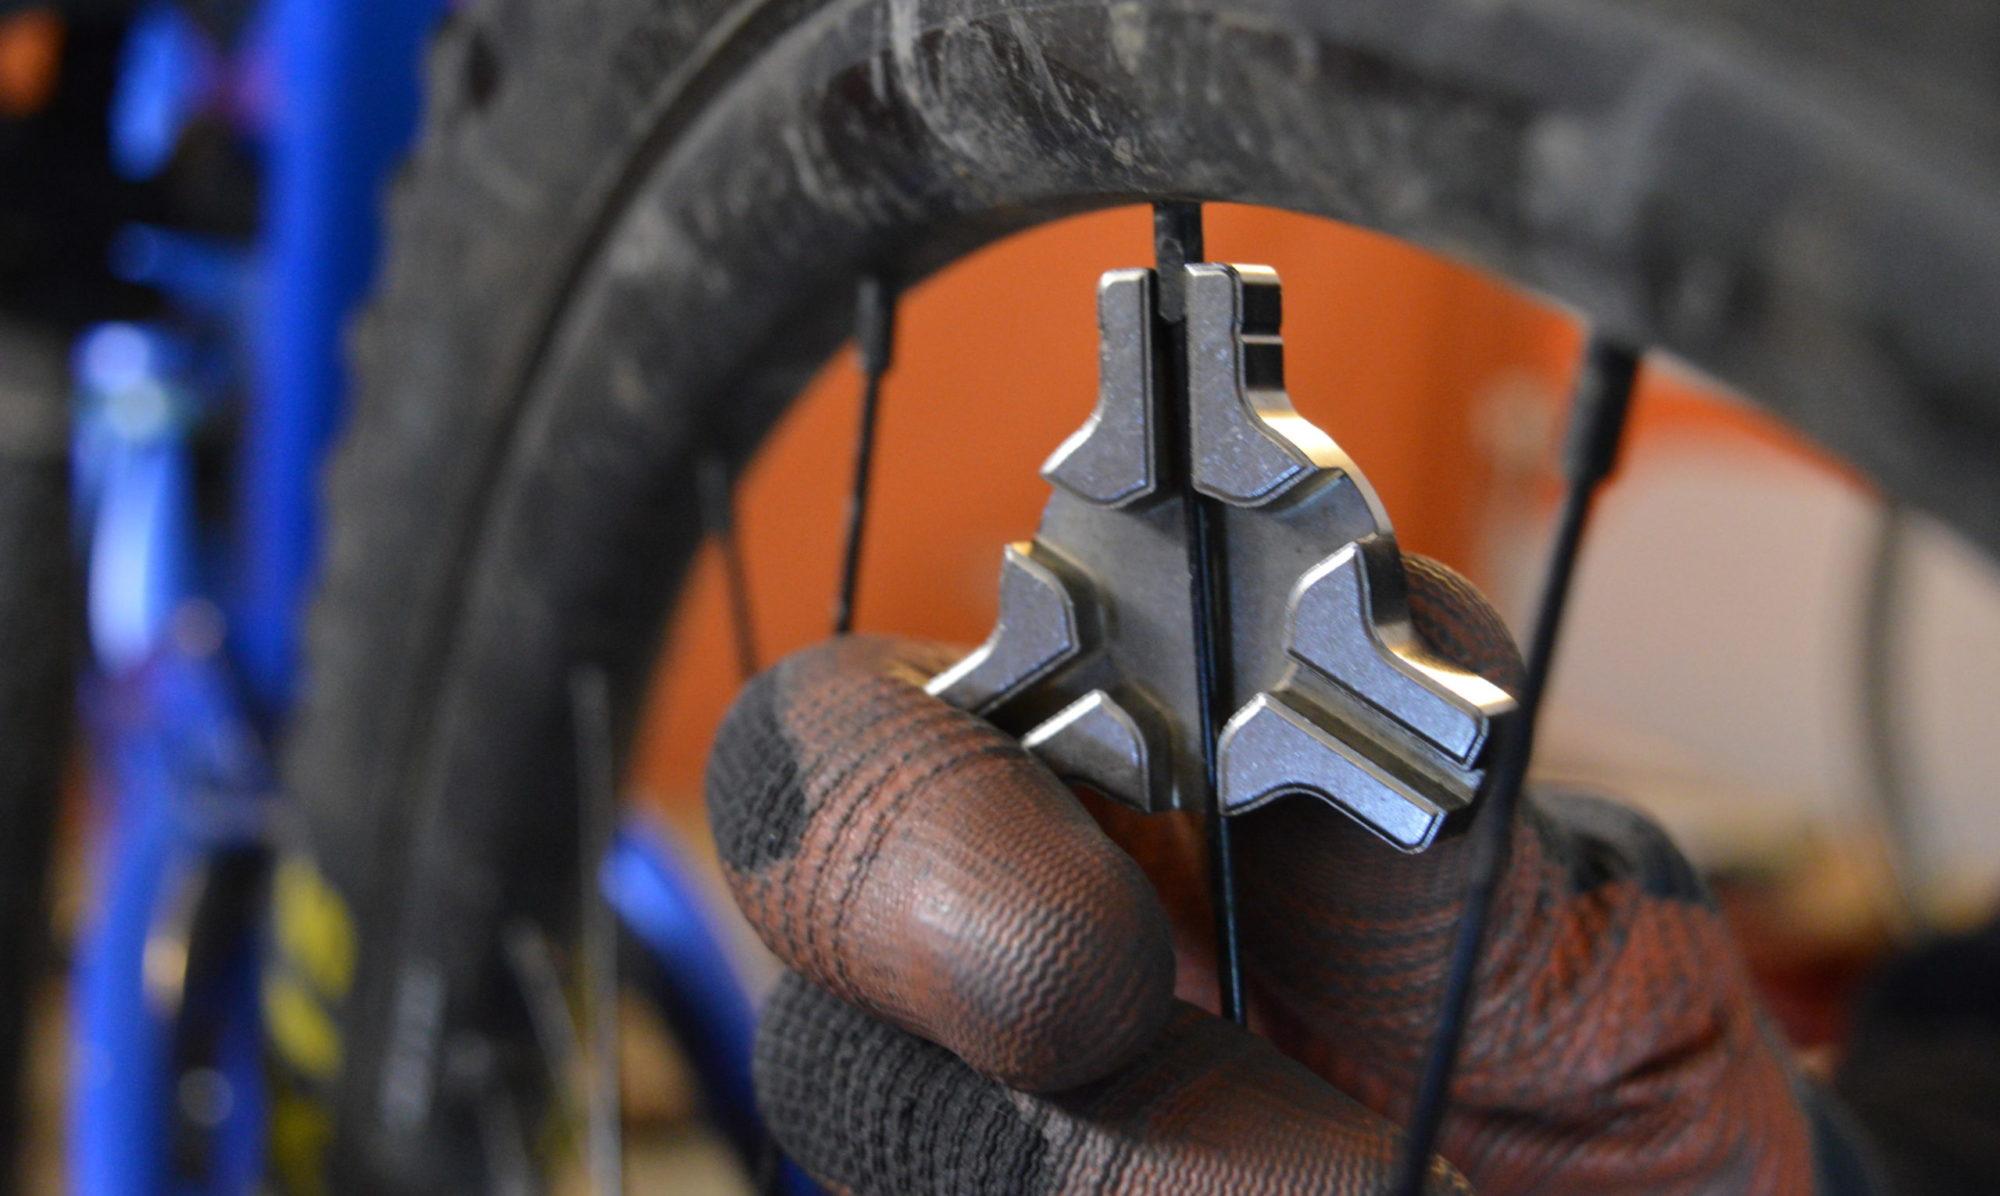 4BIKES - Le bocal à vélos - Bourg-St-Andéol - +33676684087- gauthier@4bikes.fr